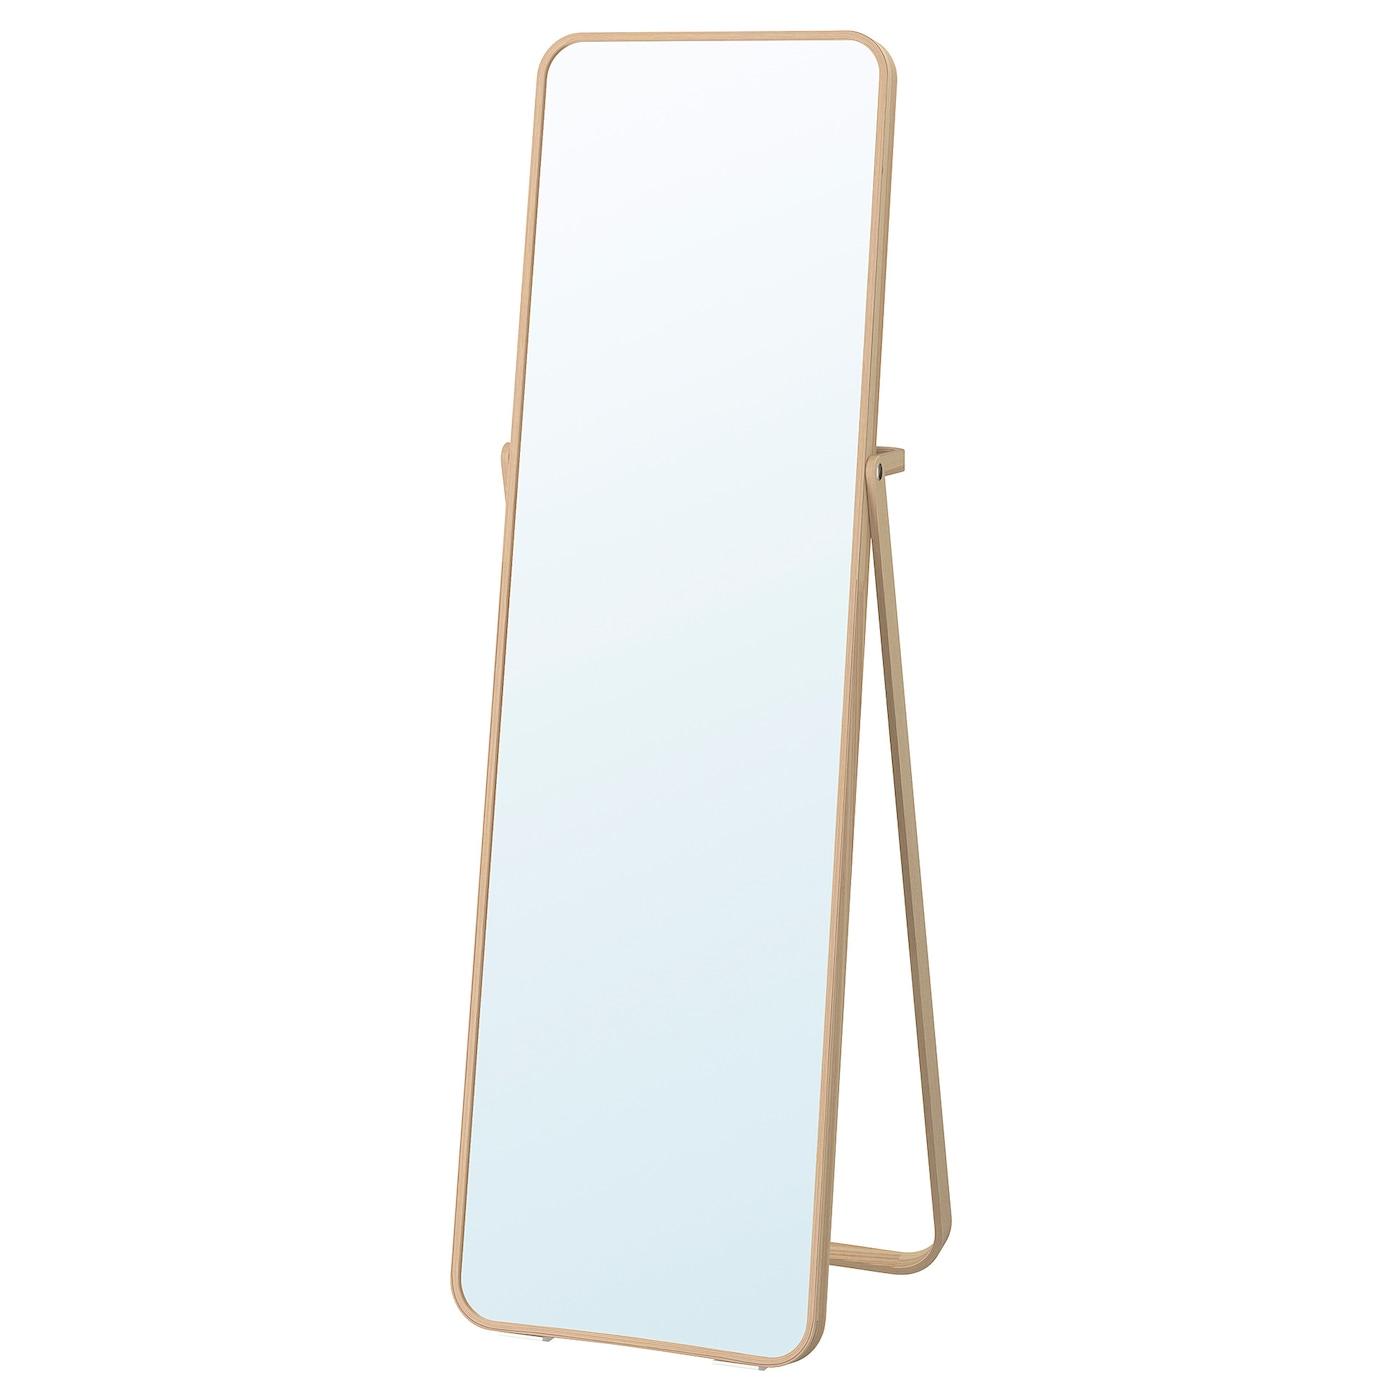 IKEA IKORNNES Standspiegel Esche Esche 52x167 cm | Flur & Diele > Spiegel > Standspiegel | IKEA